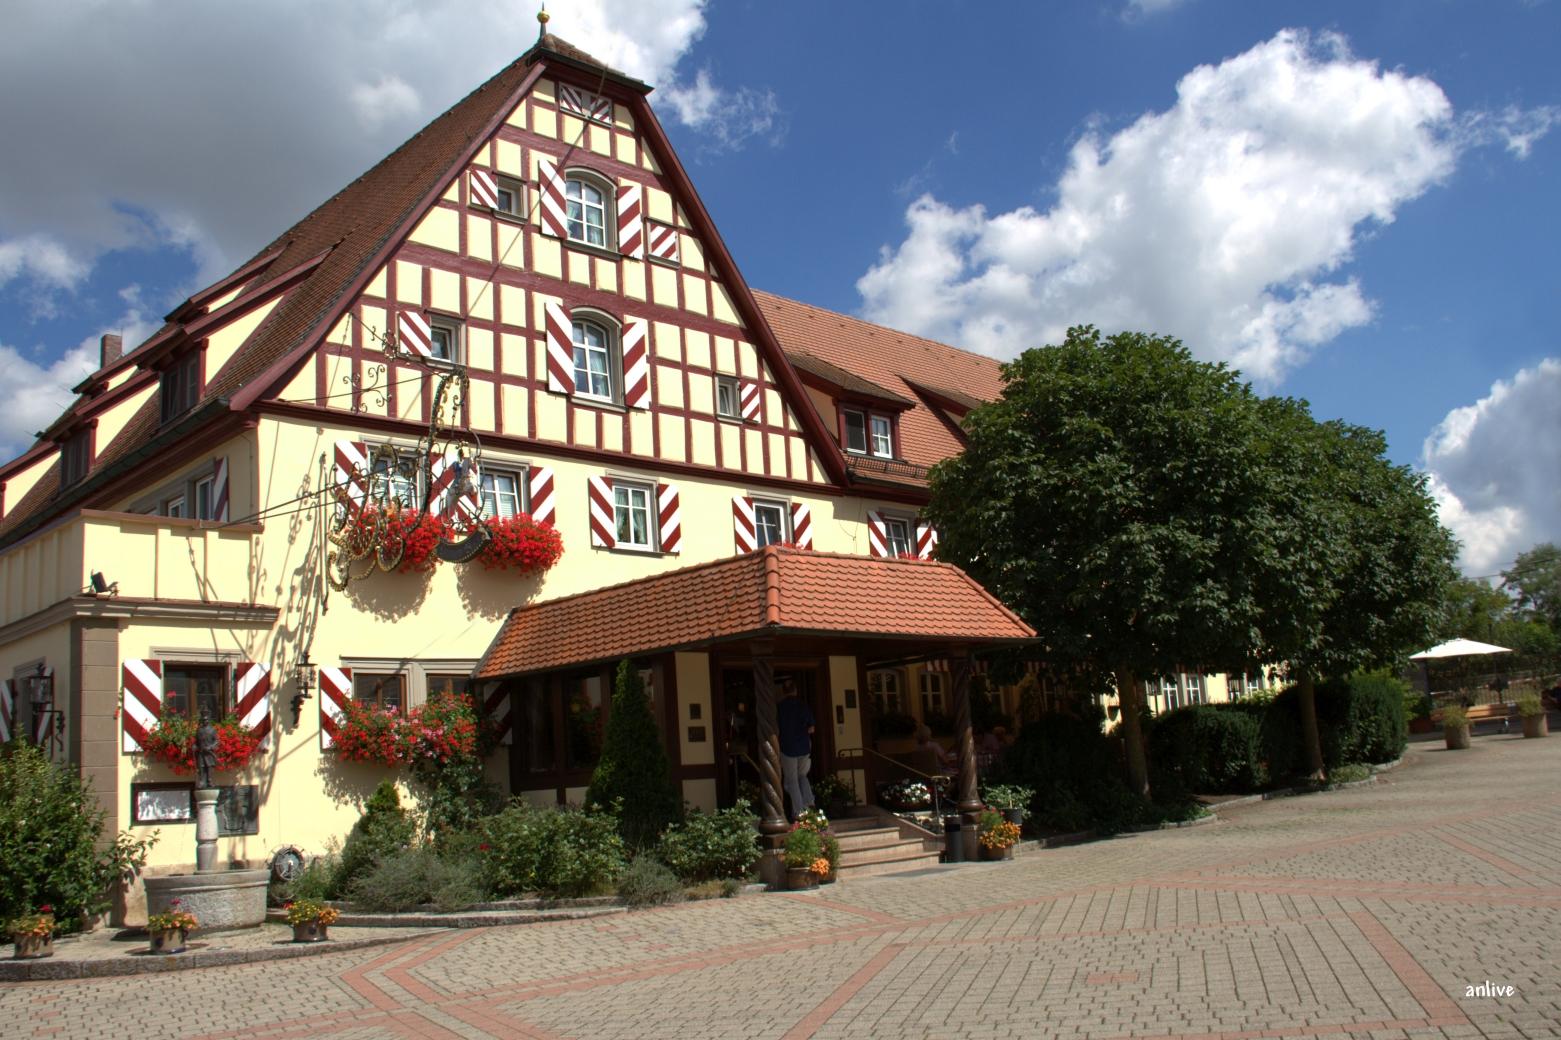 Gasthof-Hotel Landwehr-Bräu Reichelshofen